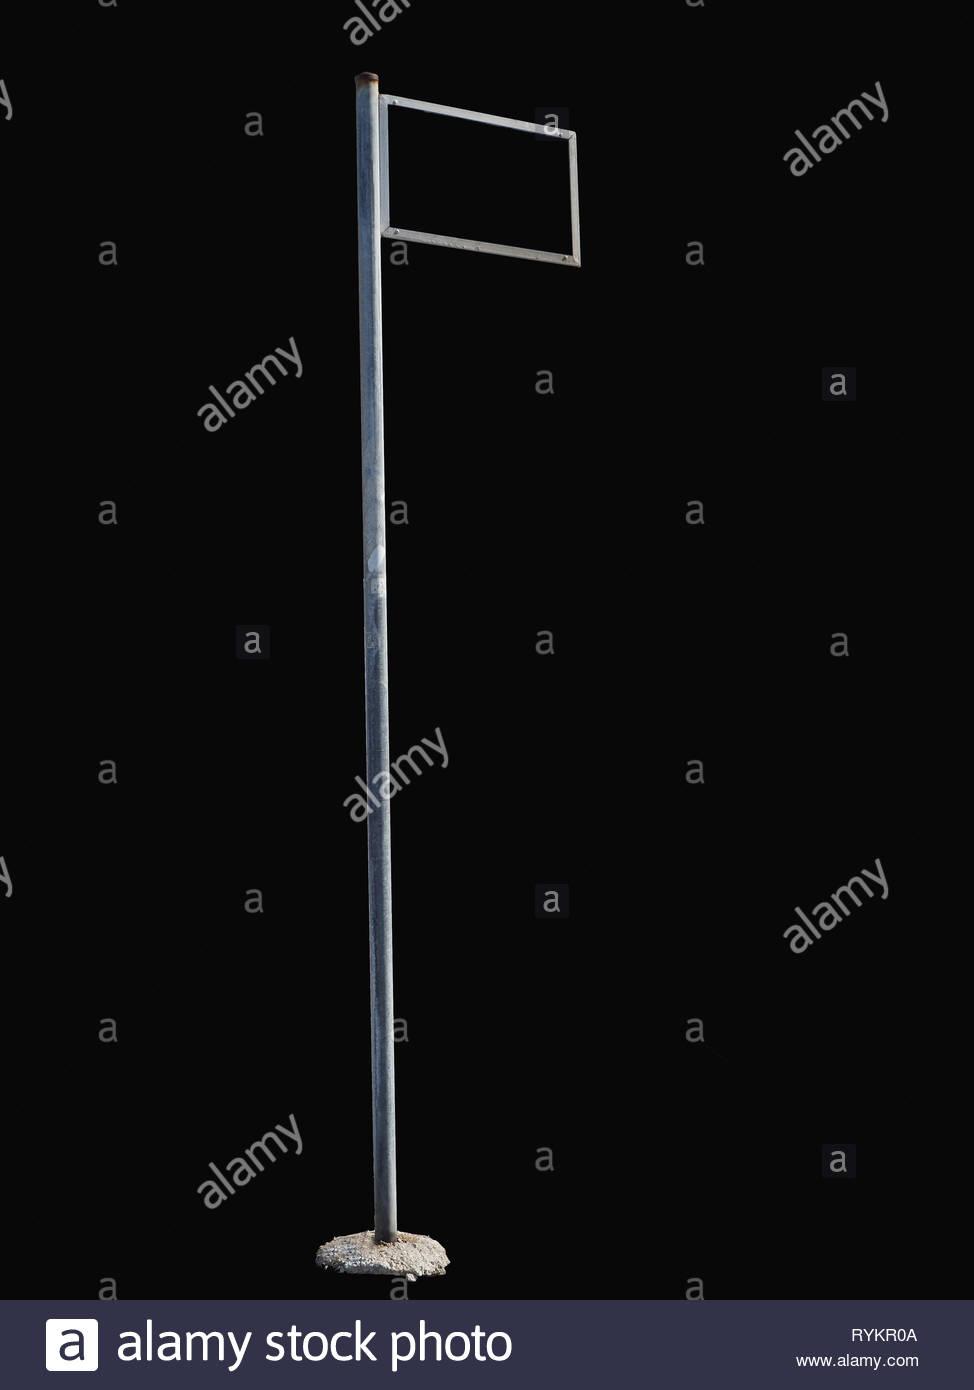 Signo de la calle lateral derecha vacía la tierra aislada del marcador contra fondo negro Imagen De Stock